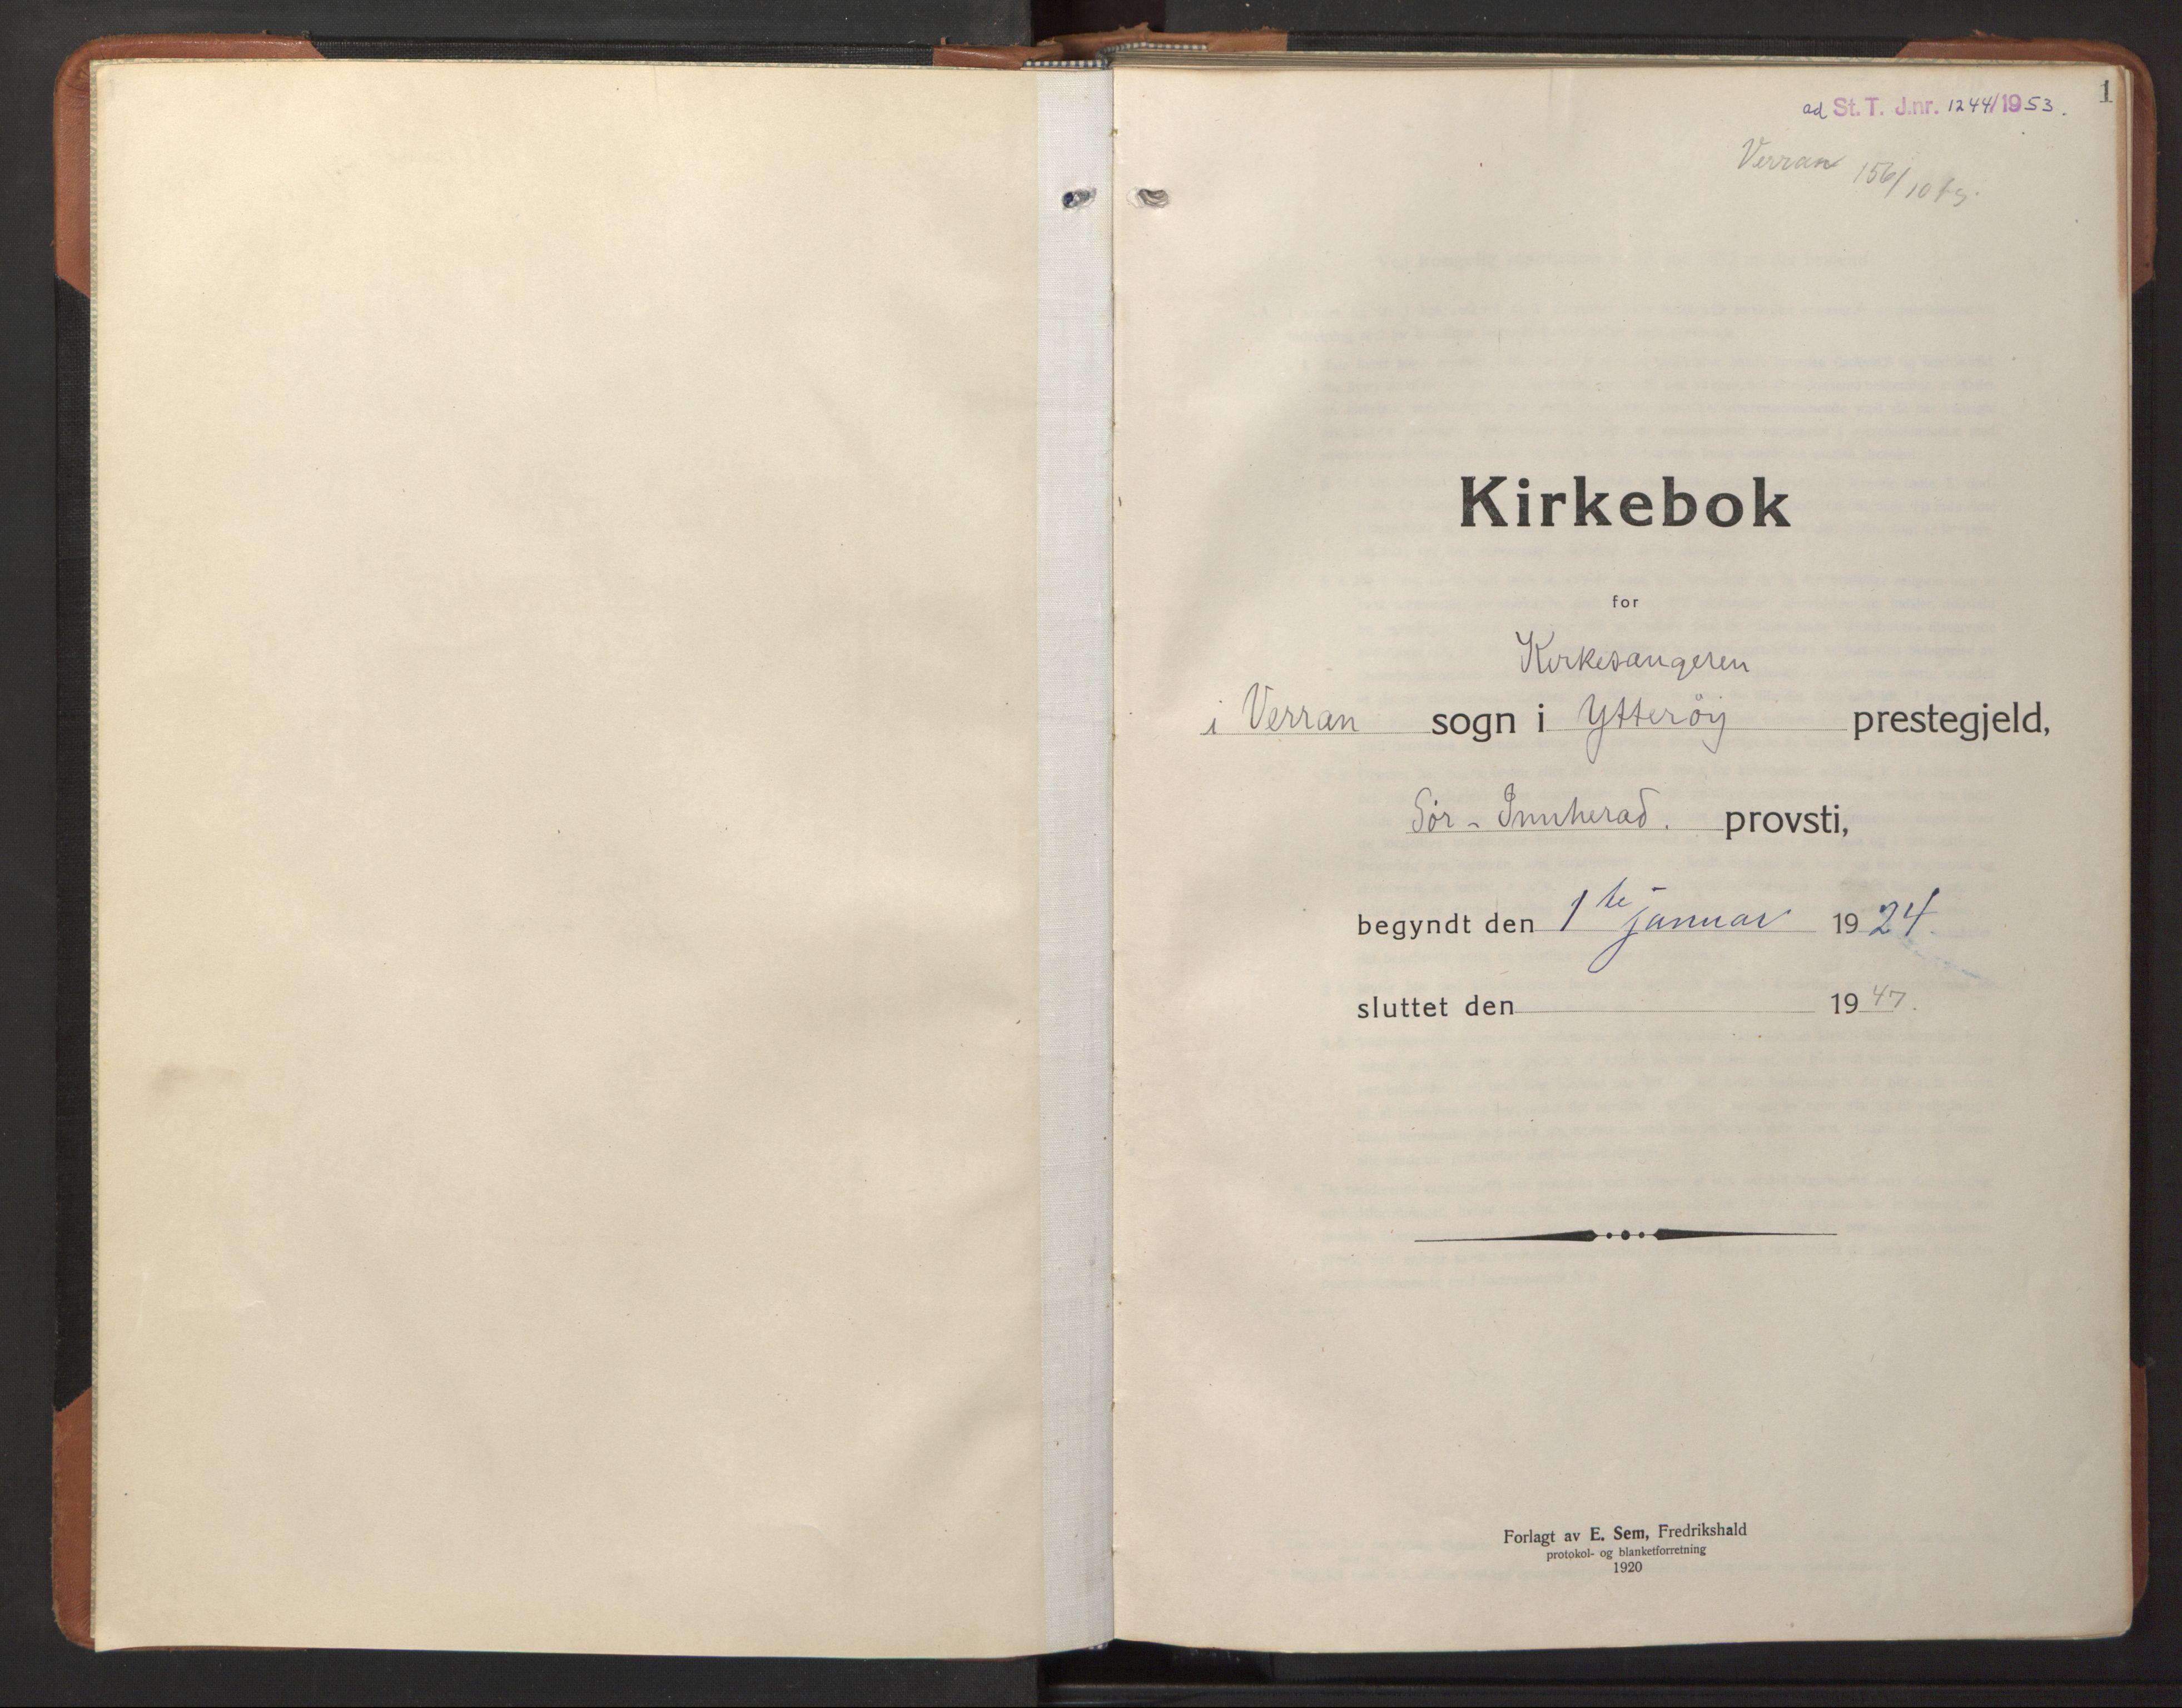 SAT, Ministerialprotokoller, klokkerbøker og fødselsregistre - Nord-Trøndelag, 744/L0425: Klokkerbok nr. 744C04, 1924-1947, s. 1